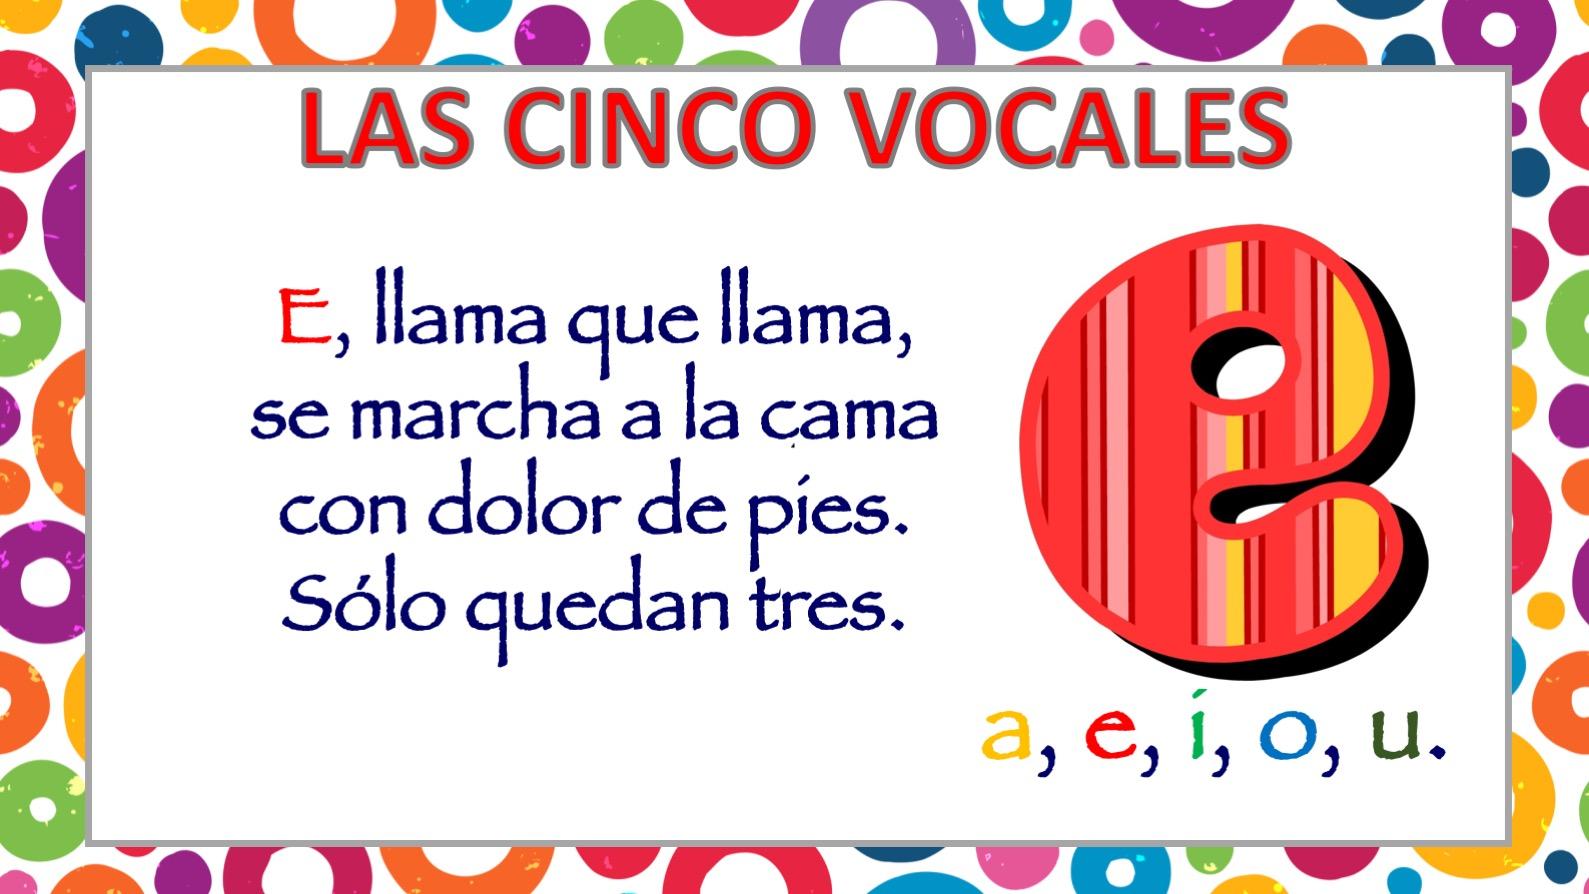 Poesia De Las Vocales: APRENDEMOS LAS CINCO VOCALES POEMA DE CARLOS REVIEJO4